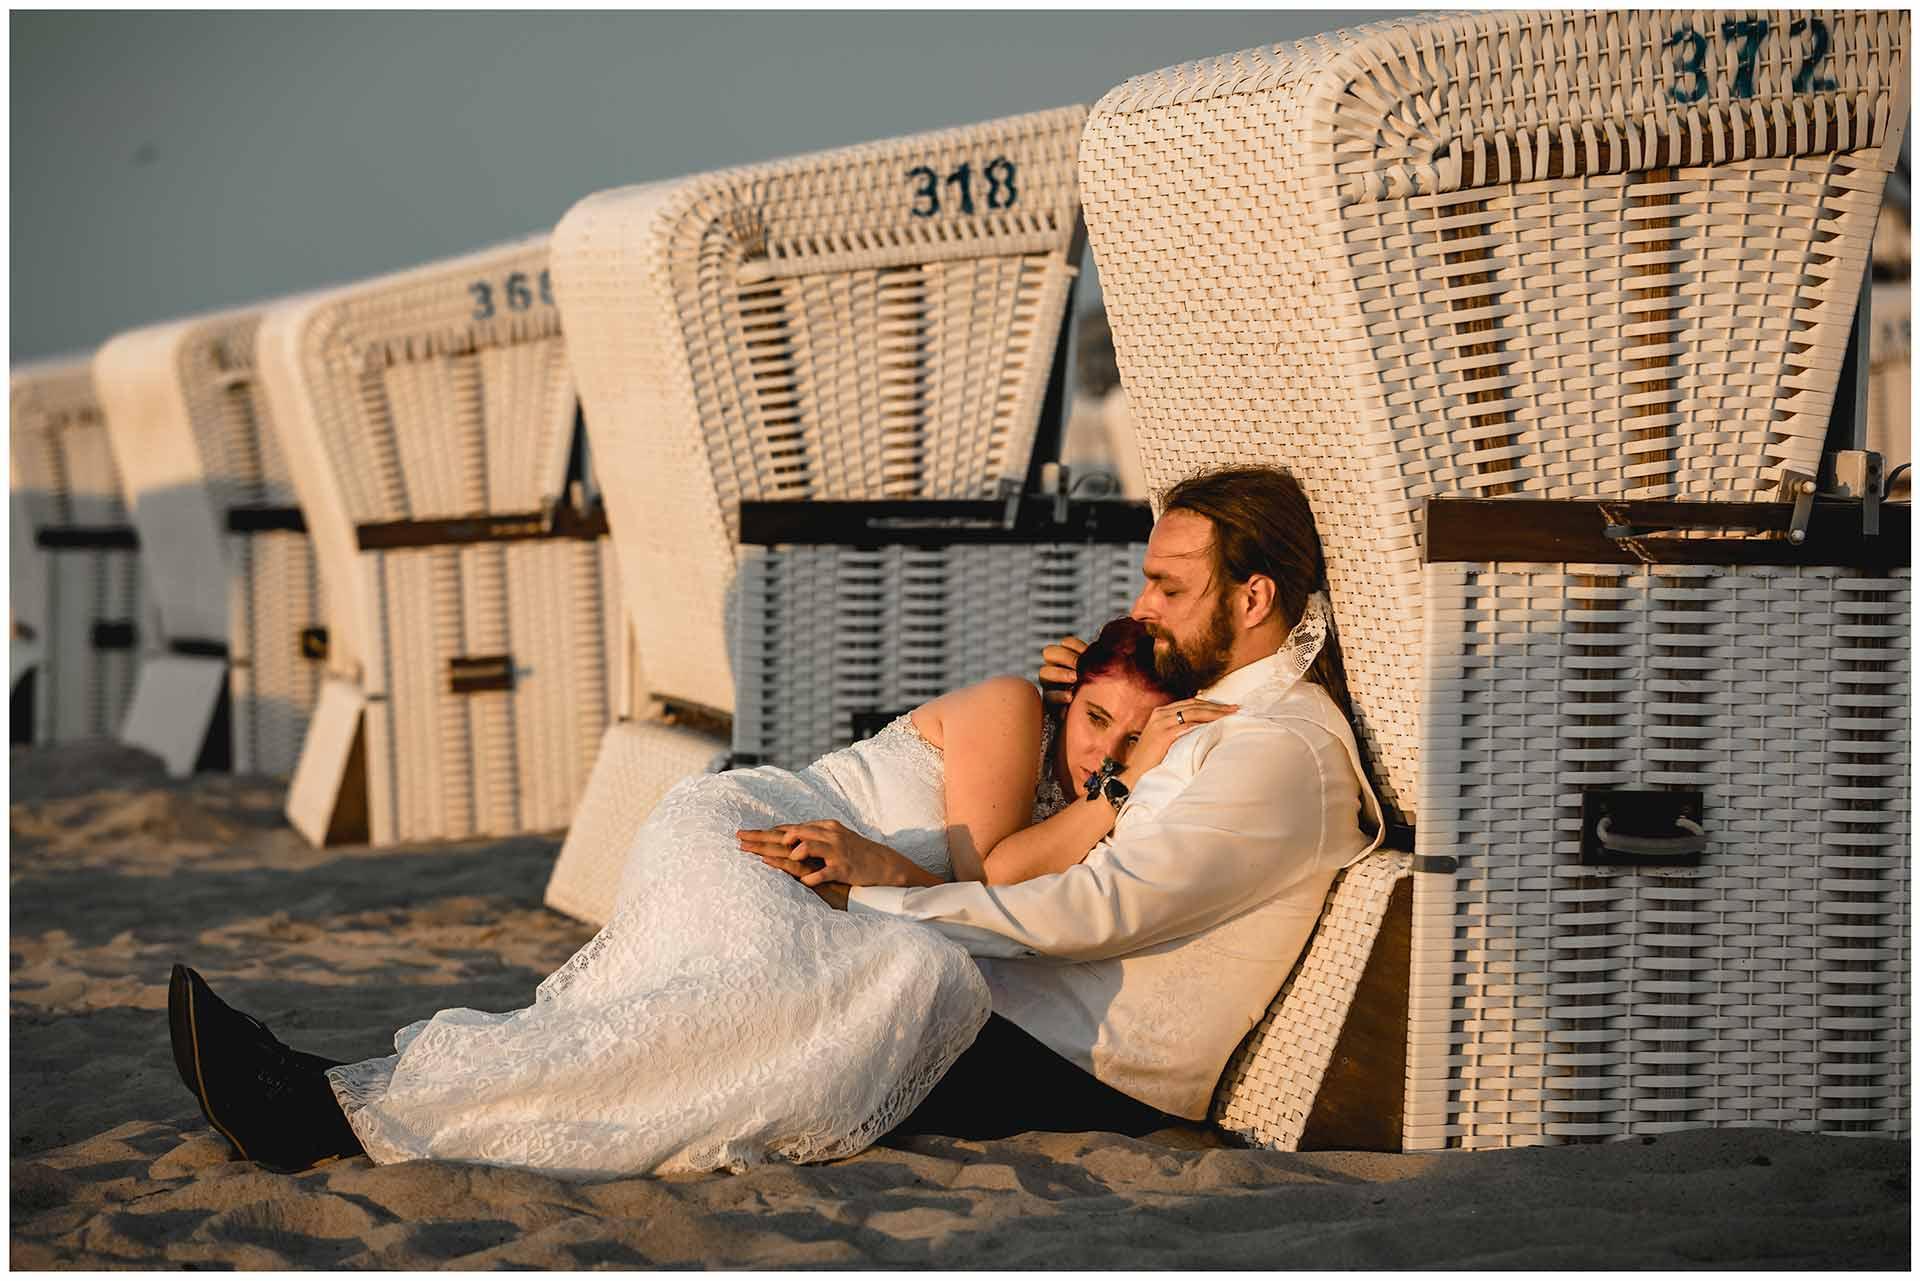 Braut-und-Braeutigam-liegen-eng-umschlungen-an-einen-Strandkorb-gelehnt-Hochzeitsfotografie-Hochzeitsfotograf-Warnemuende-Hochzeitsfotograf-Rostock-Hochzeitsfotograf-Ostseebad-Warnemuende